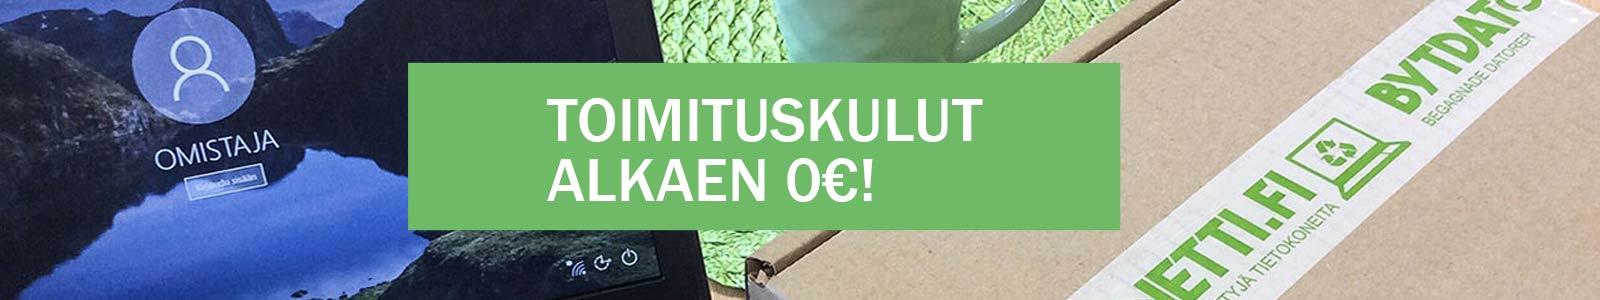 suomi oulu chat valintatalo turku